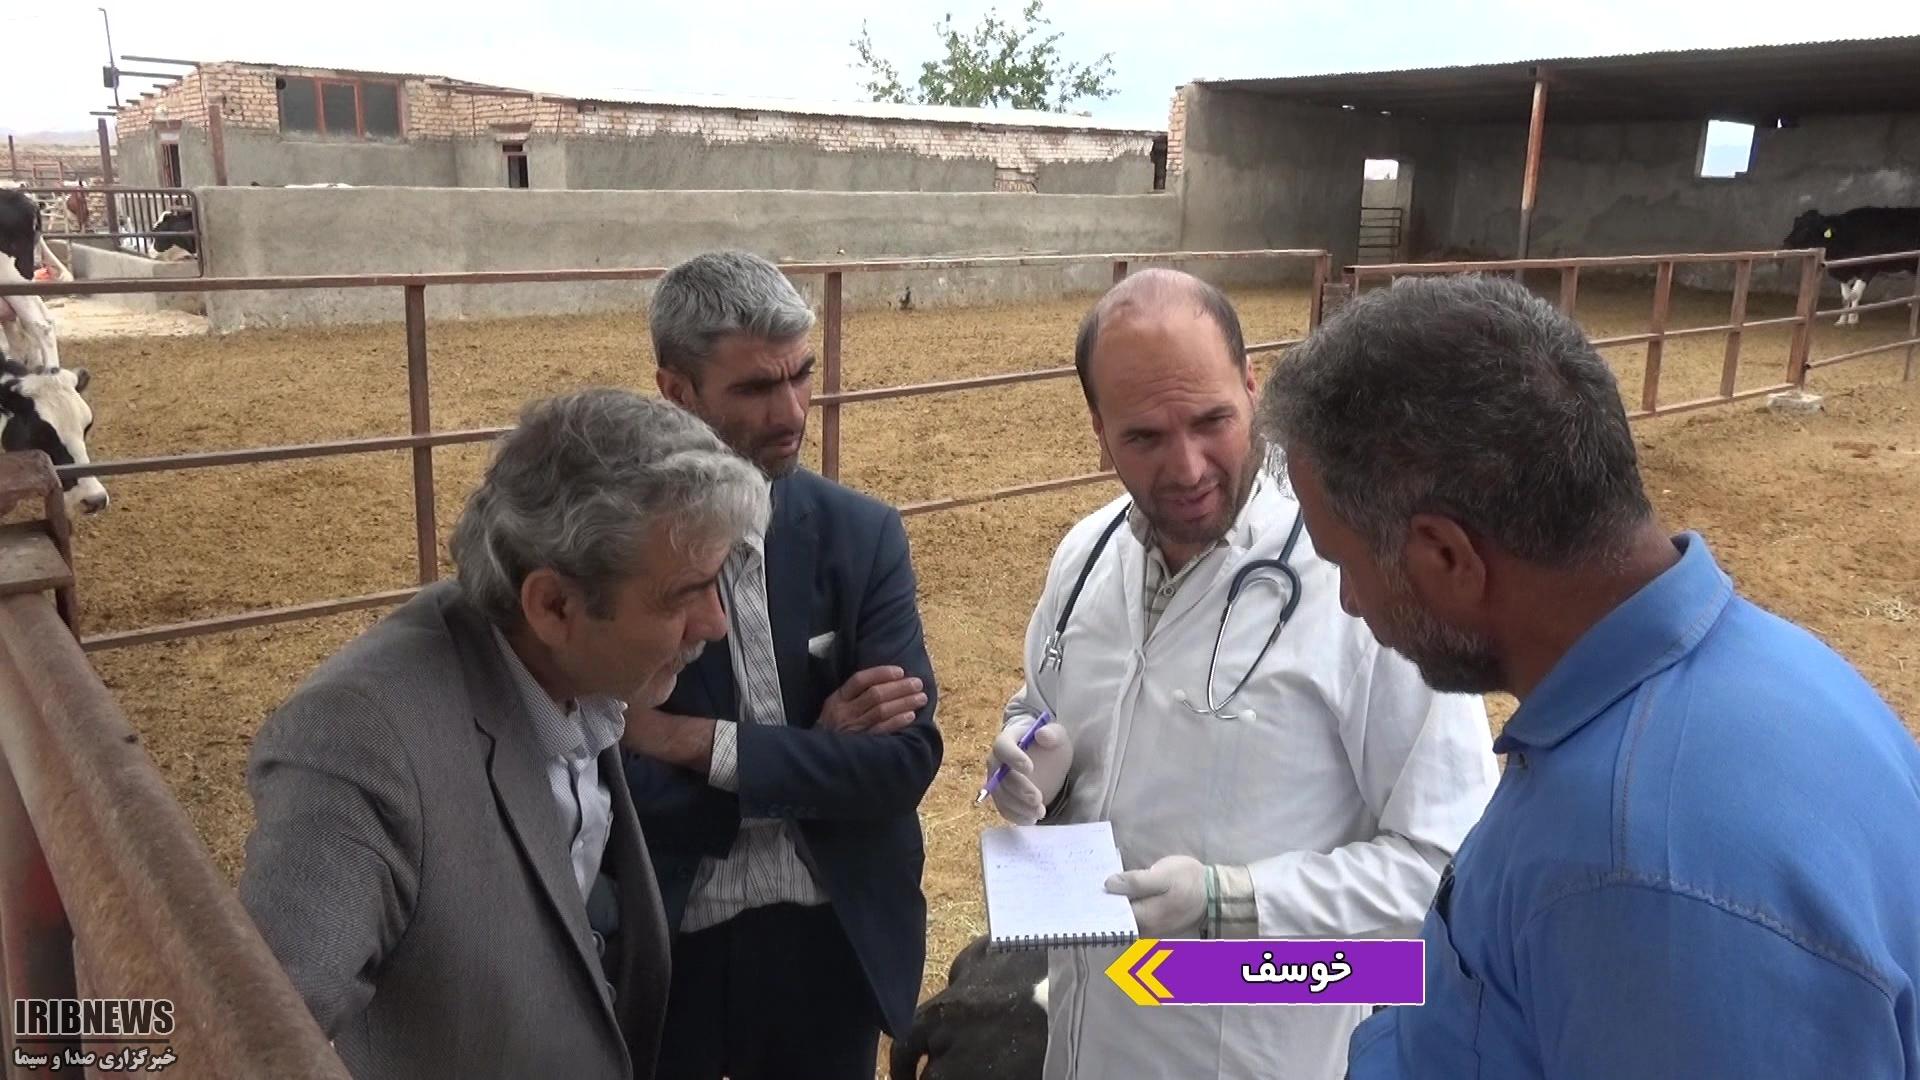 هشدار دامپزشکی برای شیوع بیماری هایپوکلسبی در گاوداری ها